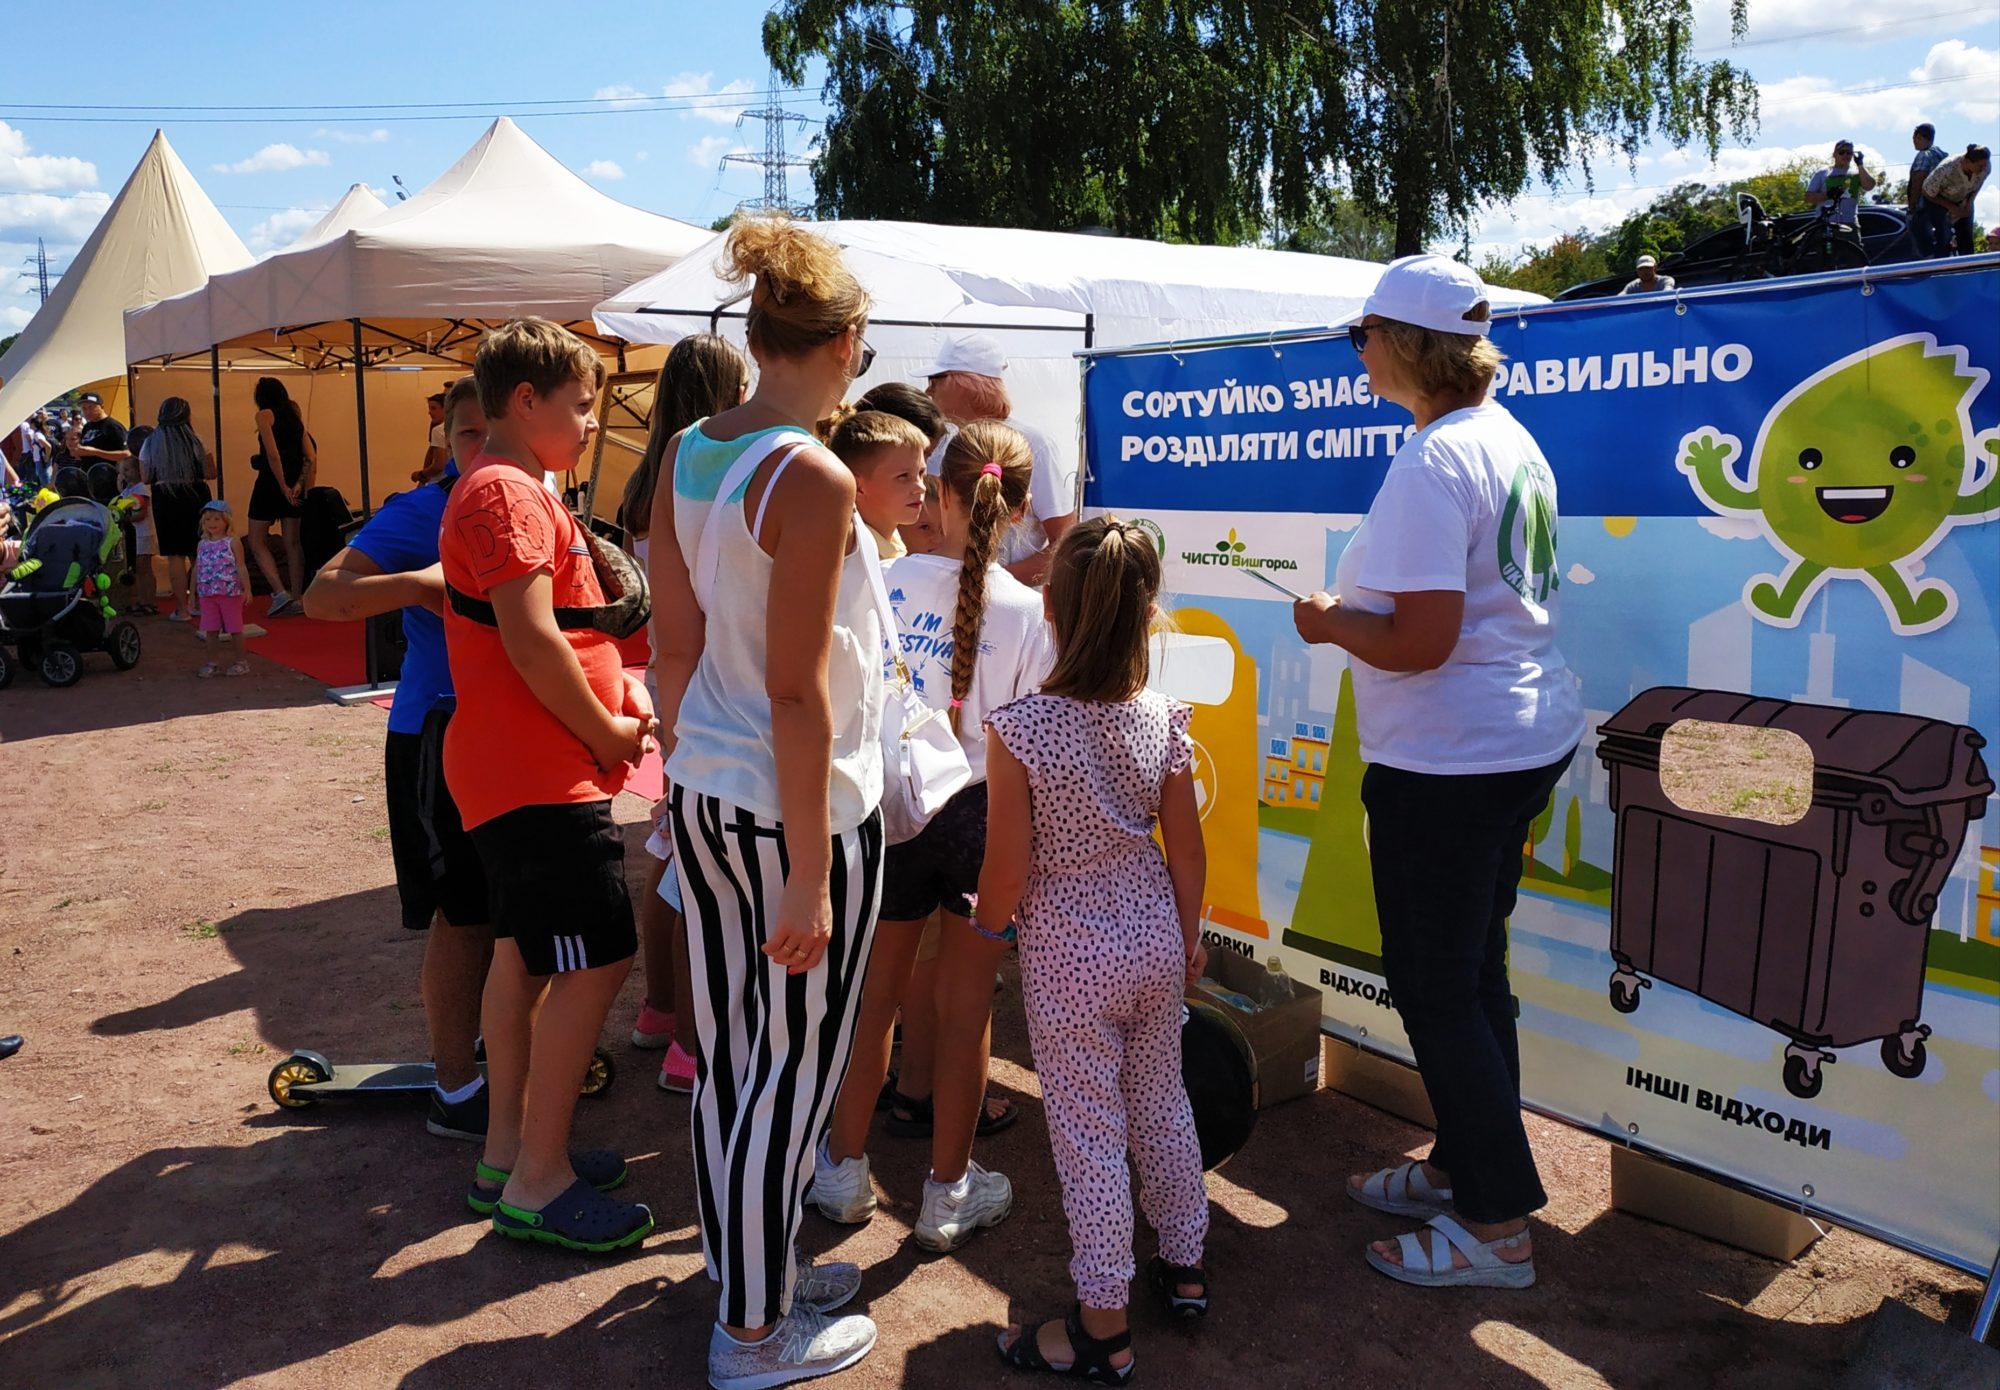 «Свято родинних традицій» у Вишгороді зібрало друзів і партнерів - Фестиваль, Вишгород - 0810 Rod trad sortuj 2000x1390